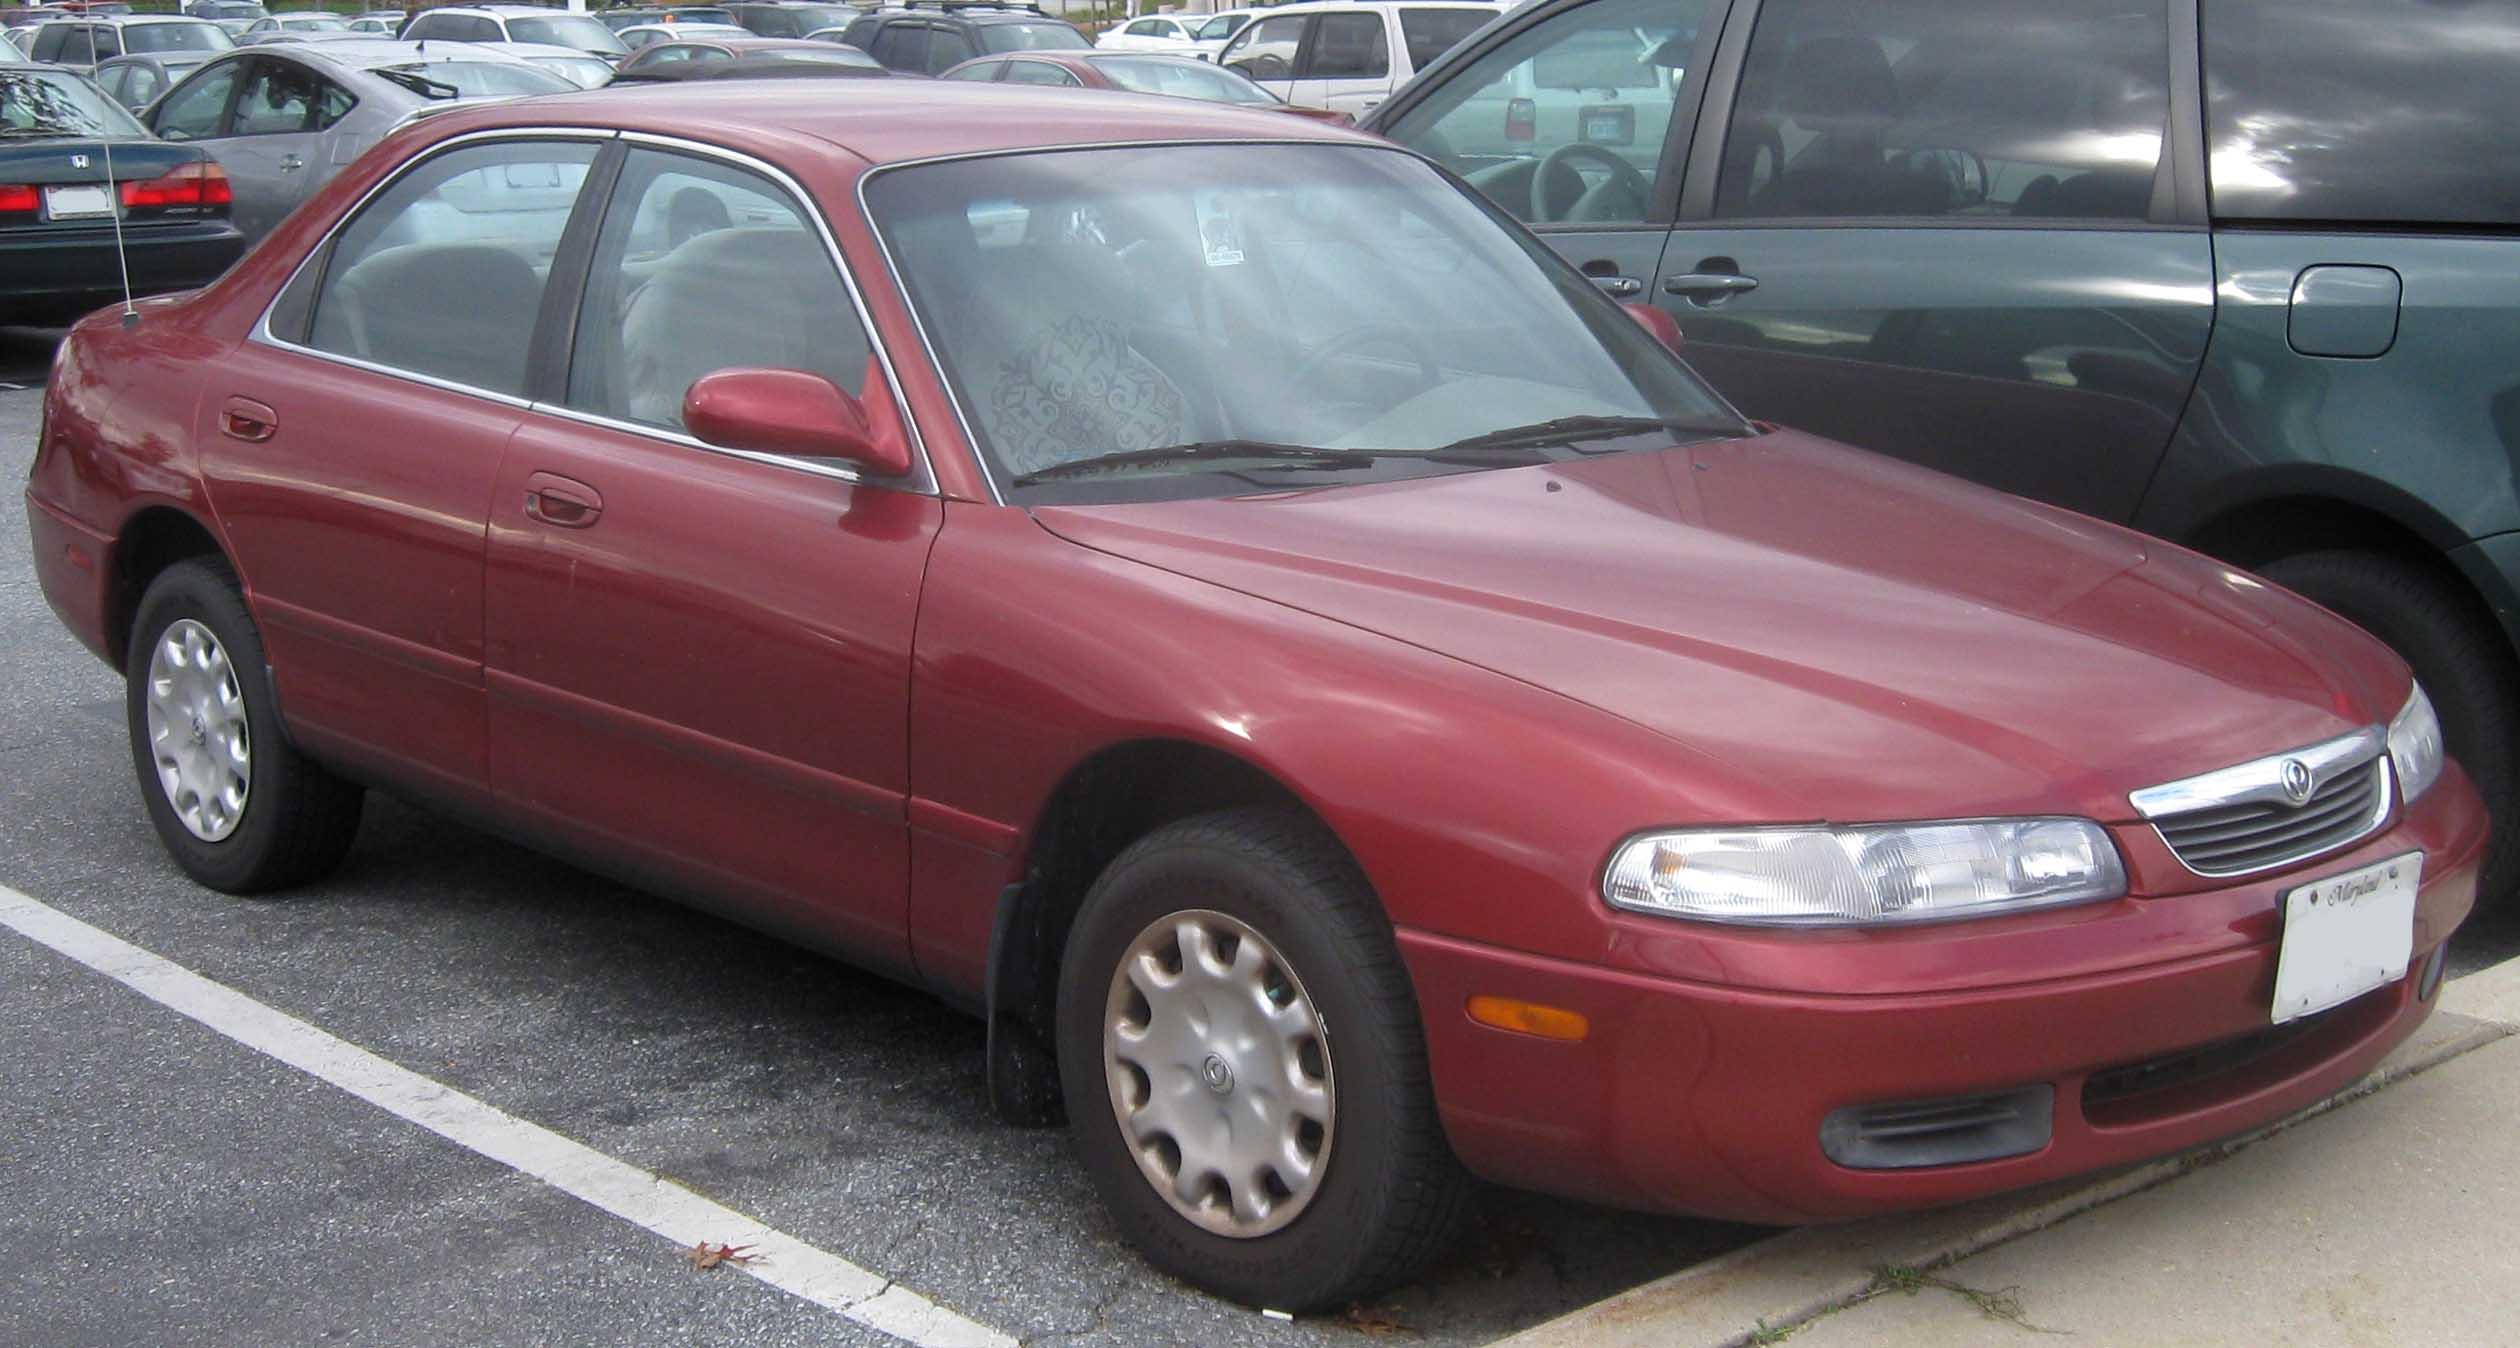 File:1996-1997 Mazda 626.jpg